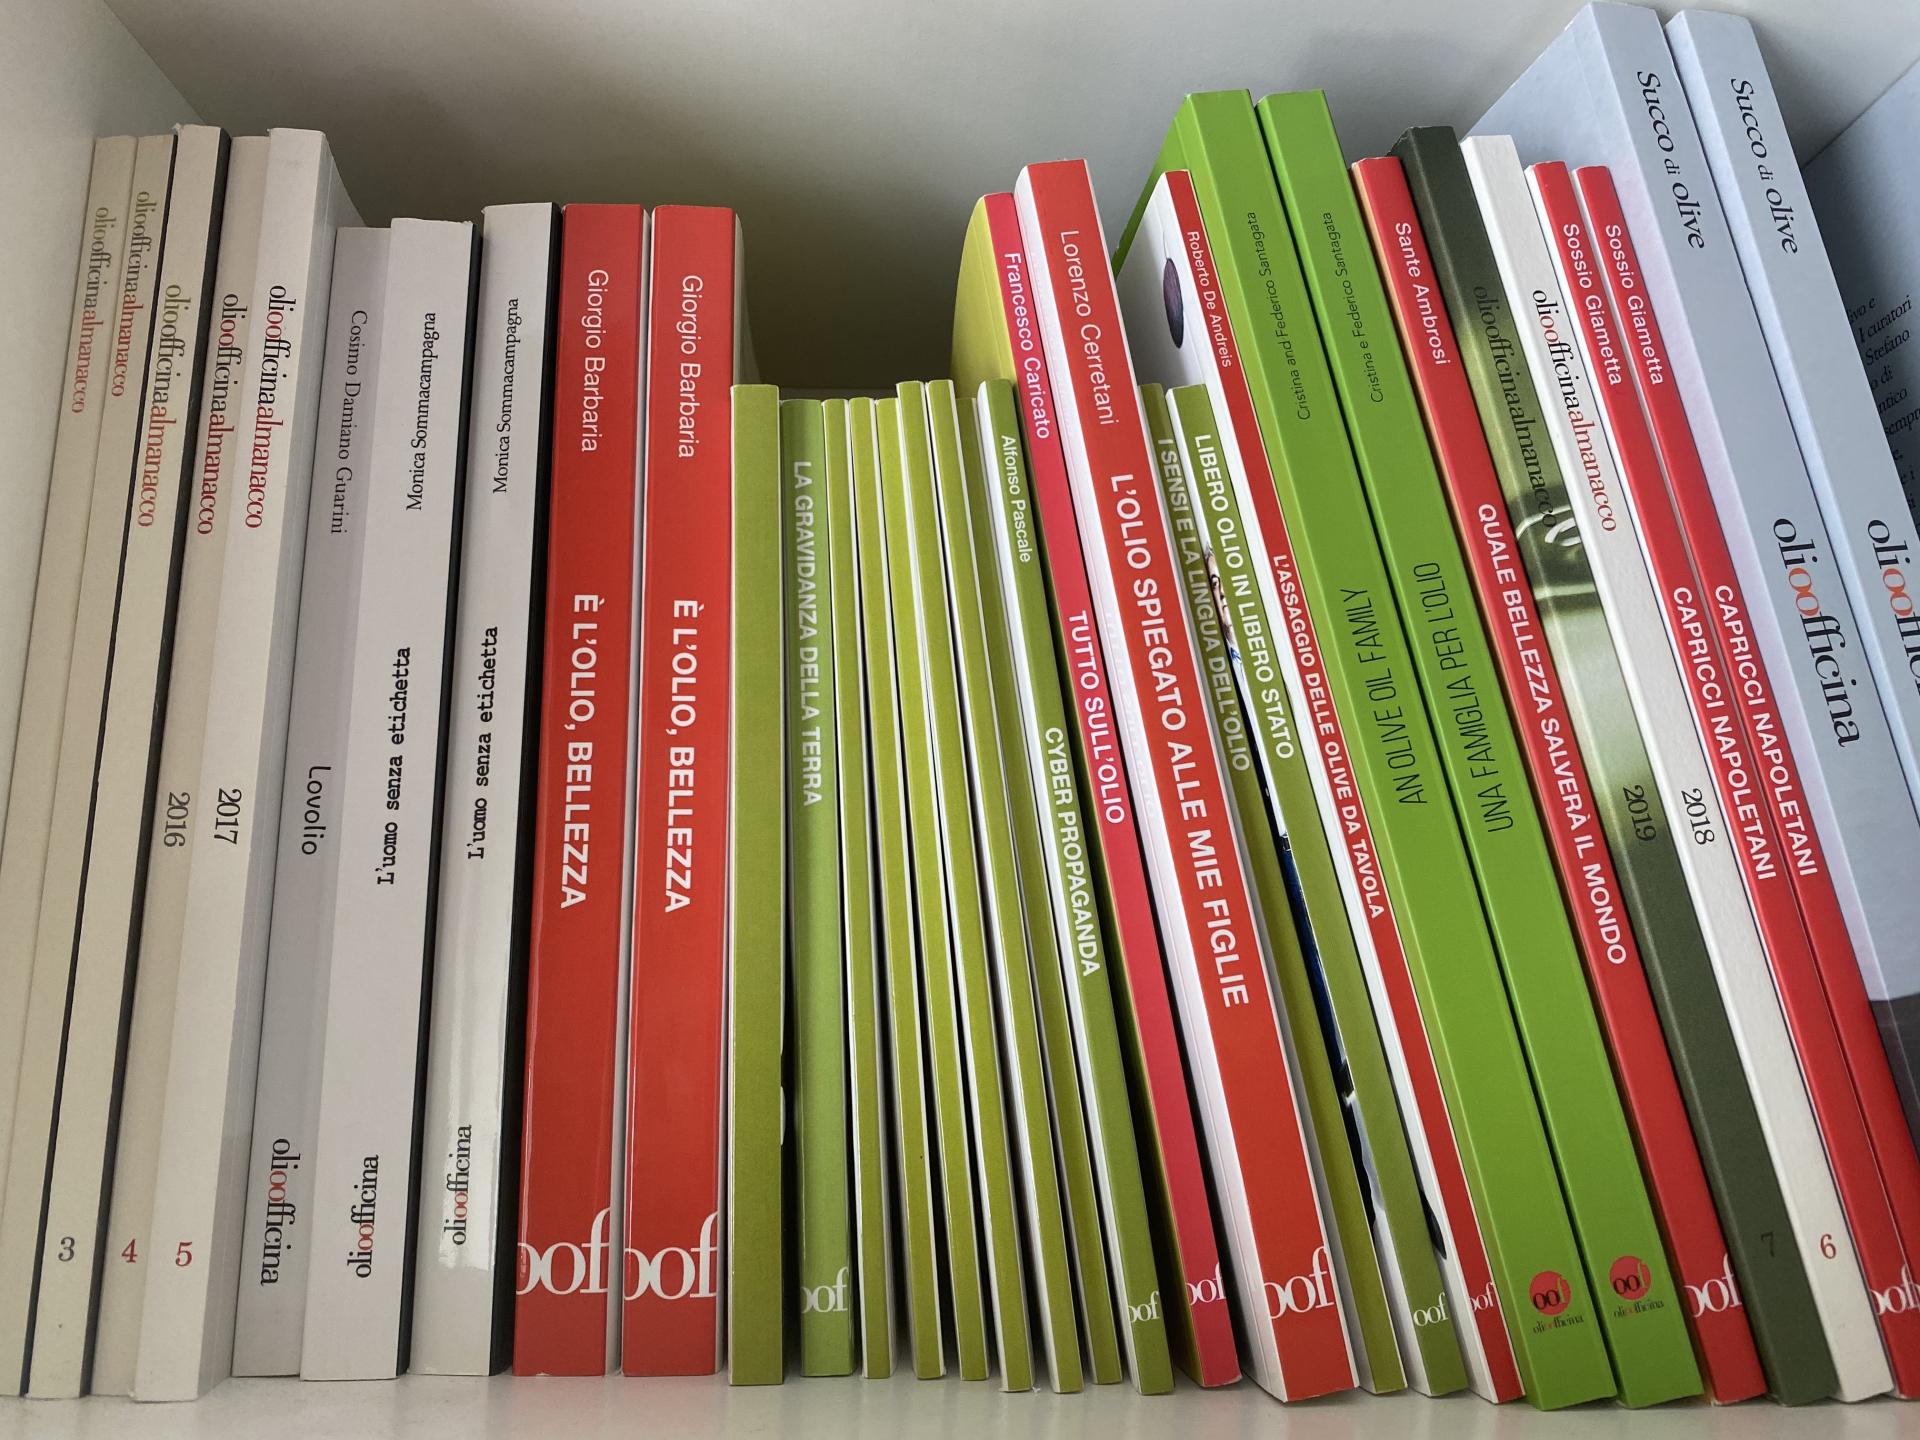 I libri per conoscere e approfondire una materia viva come l'olio